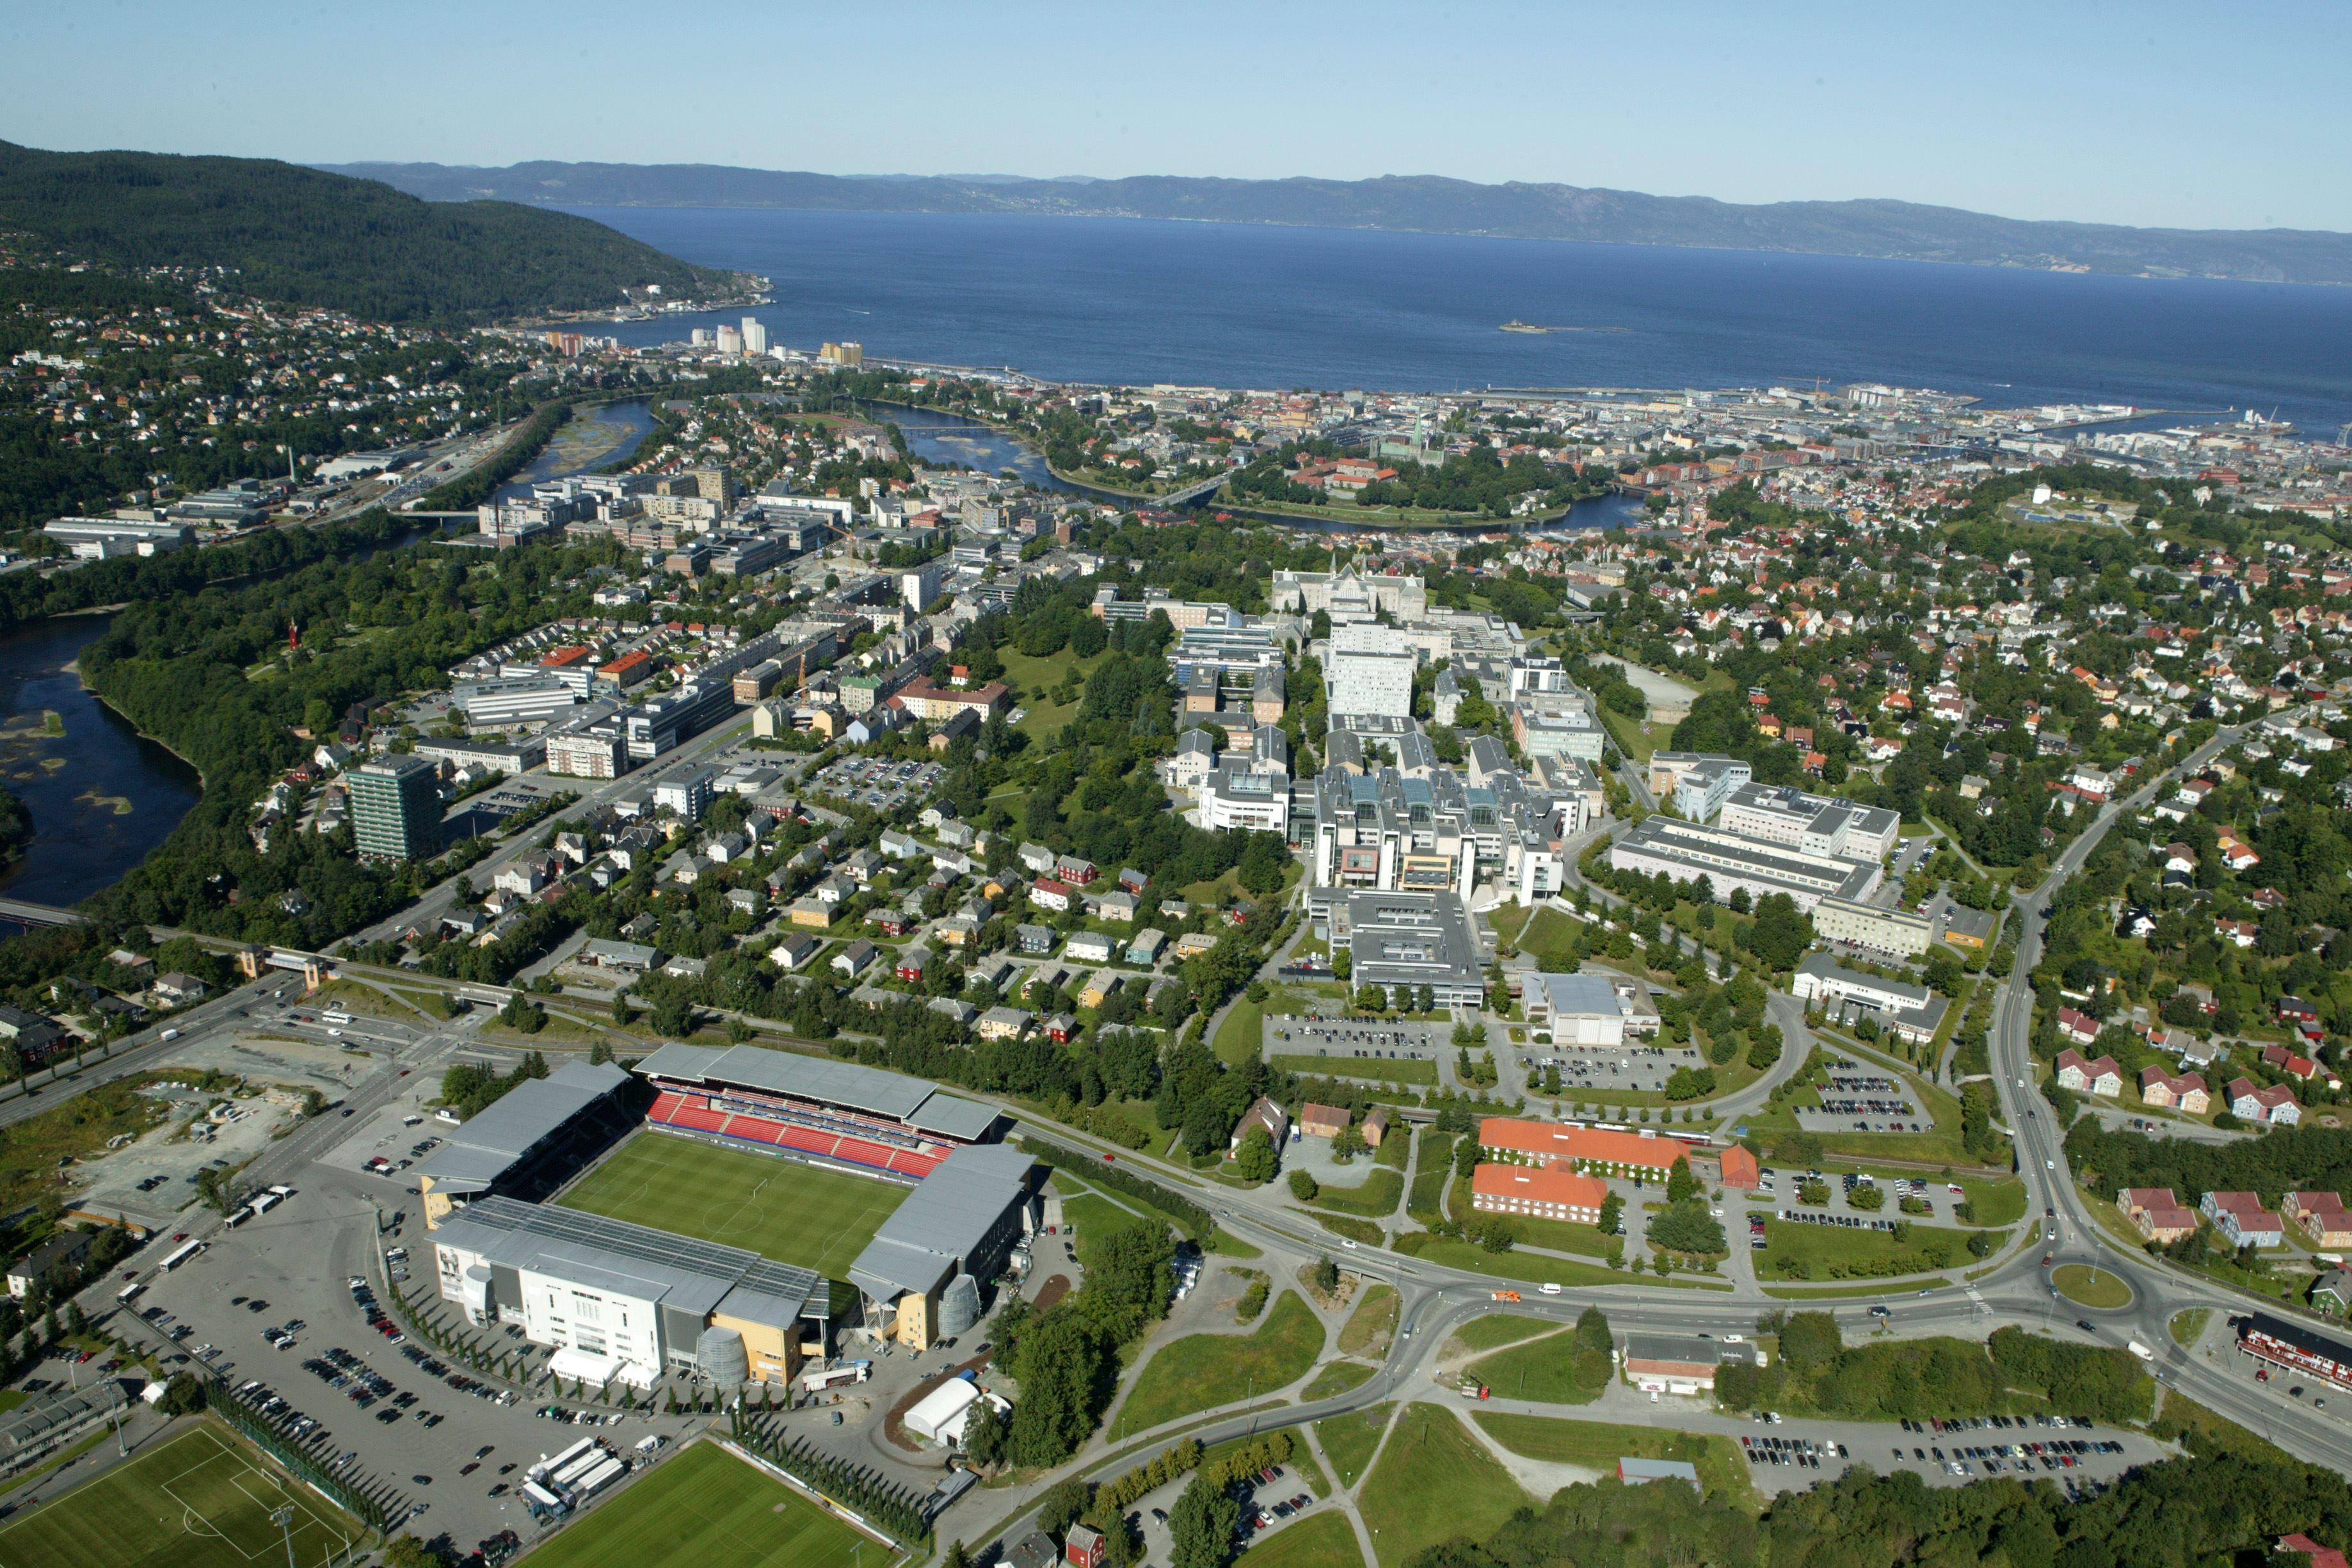 RBK, Trondheim by og Lerkendal Stadion sett ovenfra